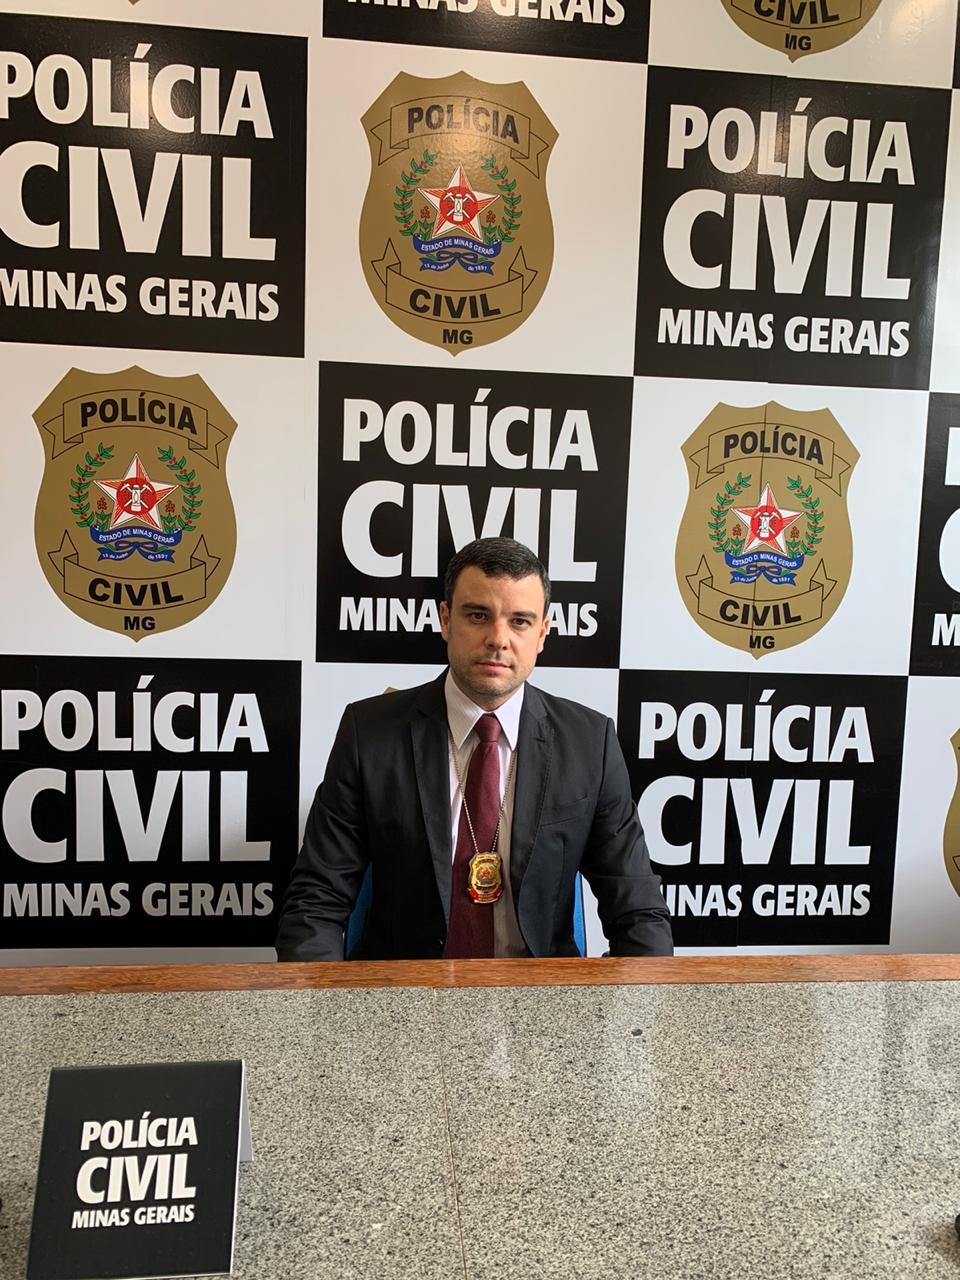 Trio é preso pela polícia por homicídio em Santa Bárbara - Foto: Divulgação/PCMG